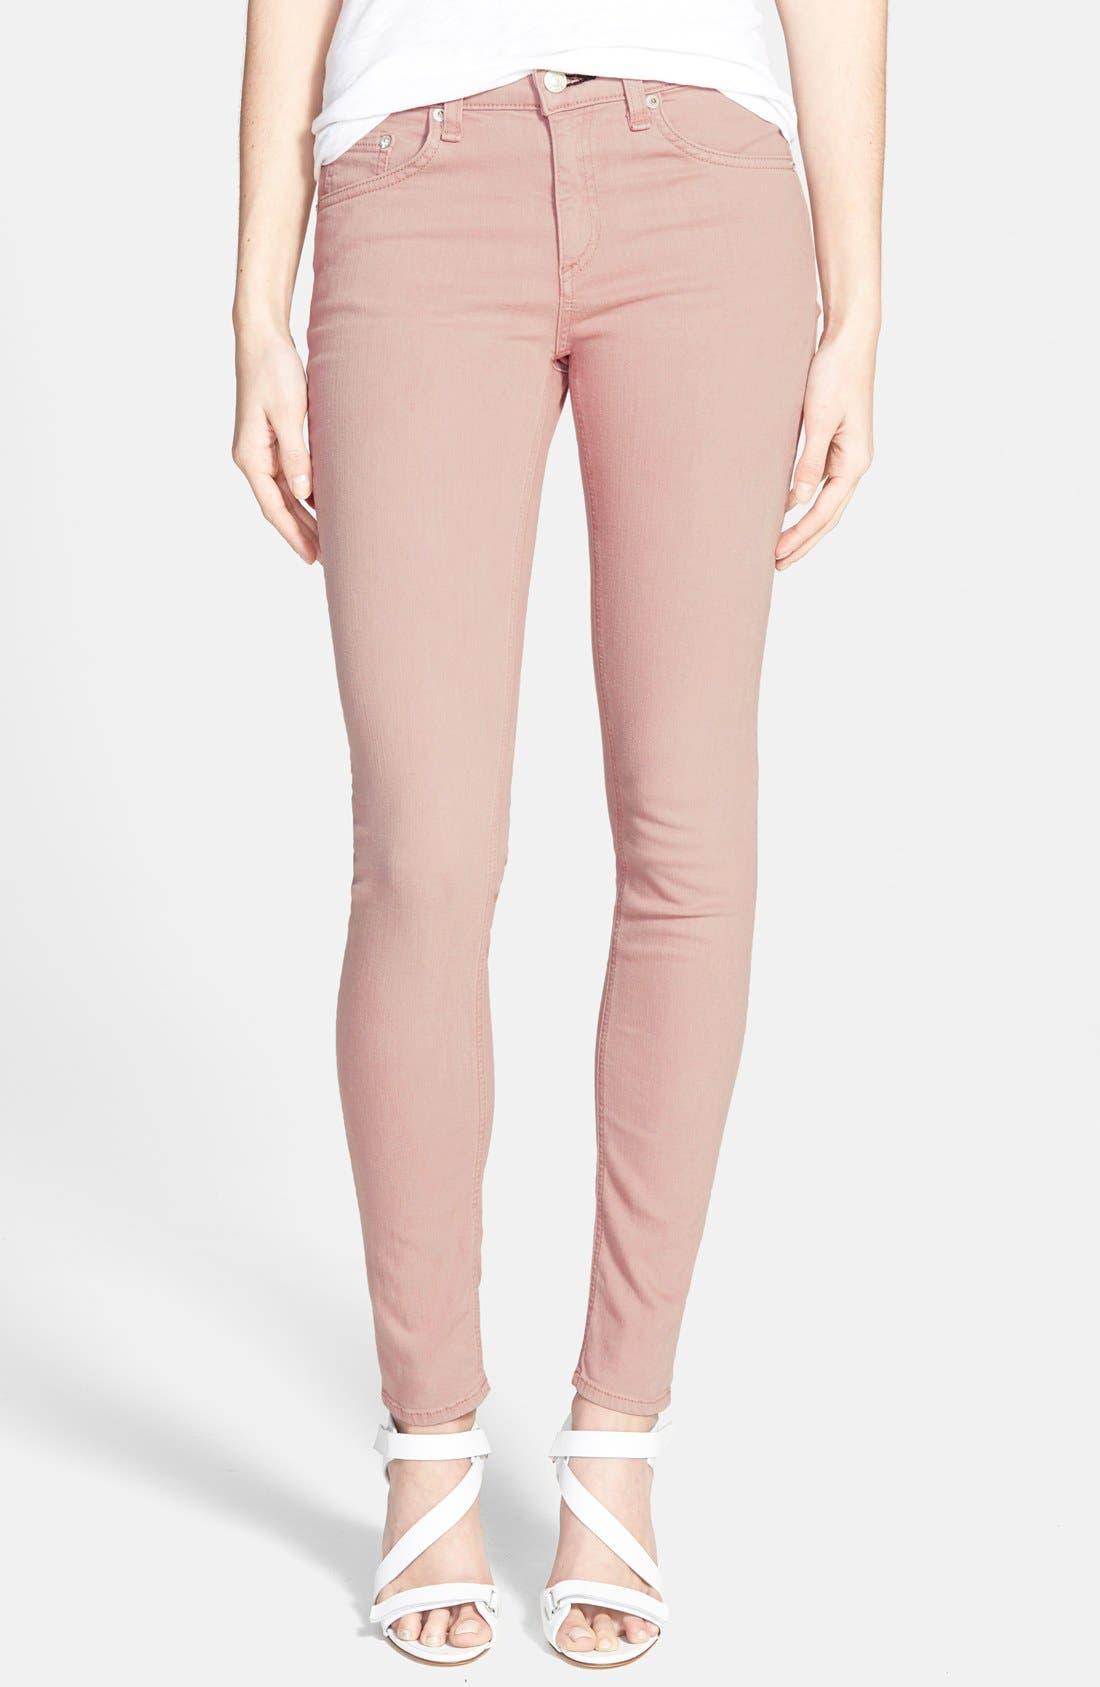 Alternate Image 1 Selected - rag & bone/JEAN 'The Skinny' Stretch Skinny Jeans (Rose)